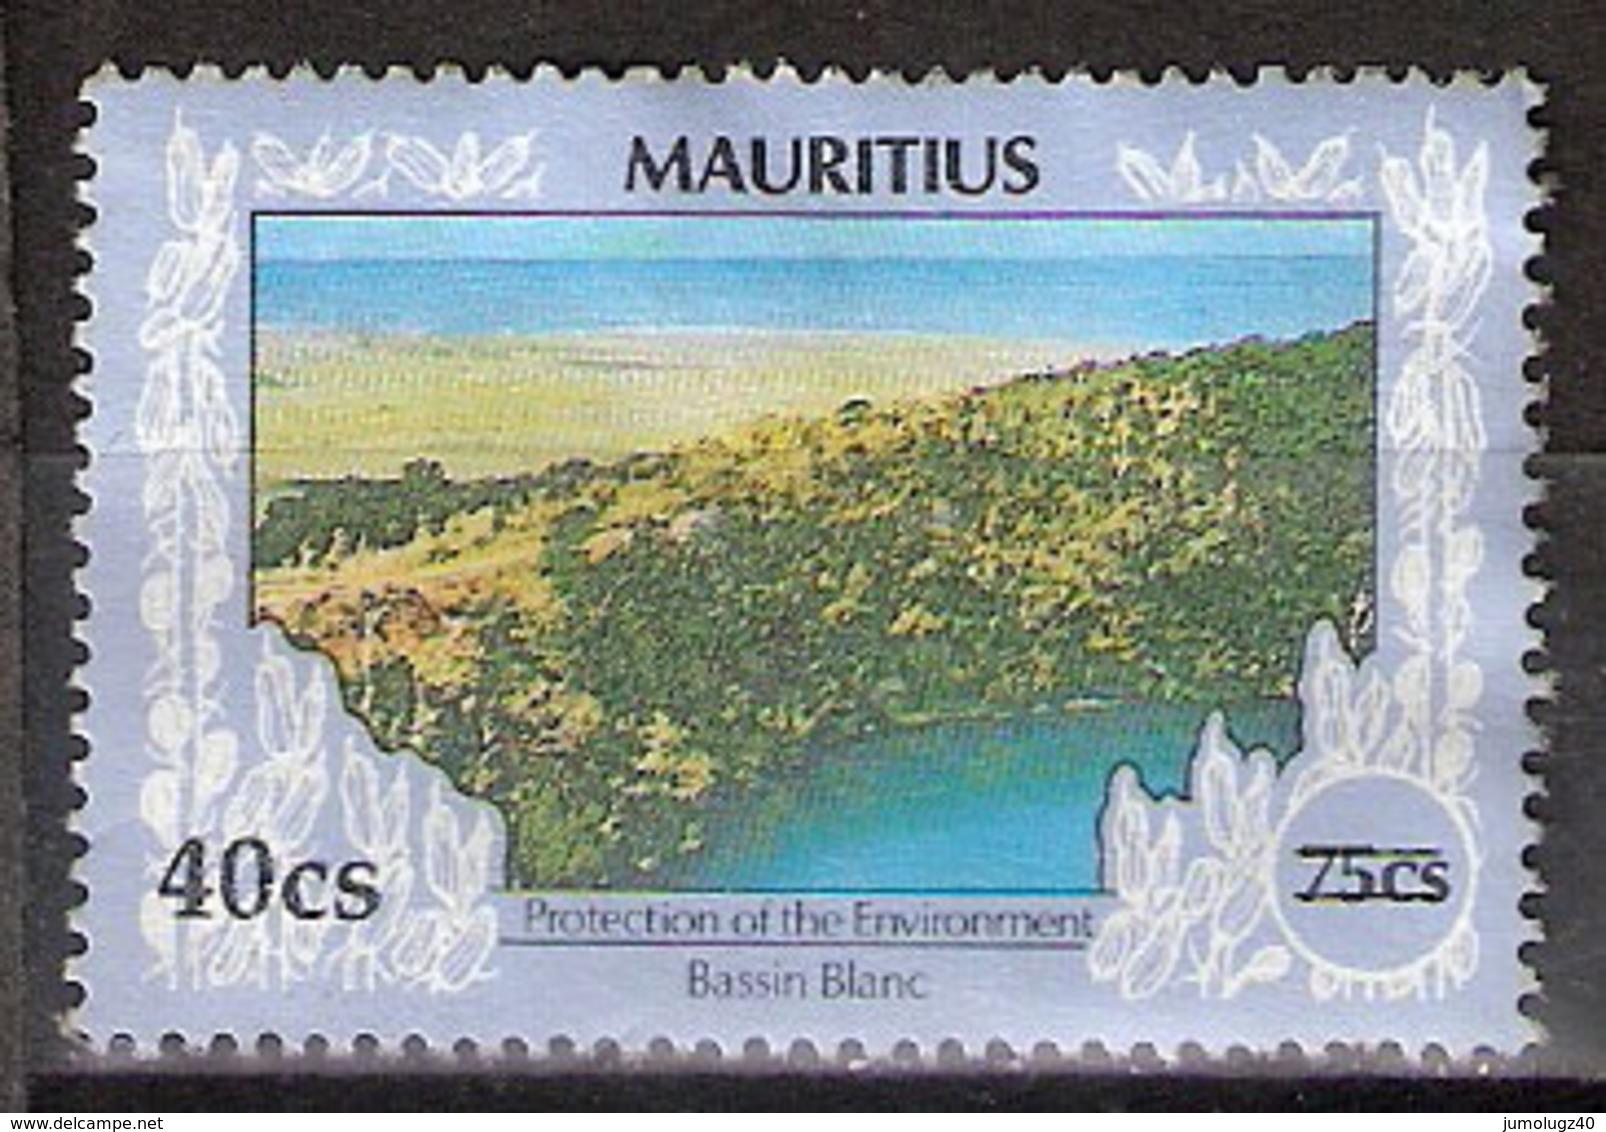 Timbre Maurice 1991 Y&T N°761 ? (05) Oblitéré. Bassin Blanc. 40Cs Sur 75Cs. Cote ??? € - Maurice (1968-...)